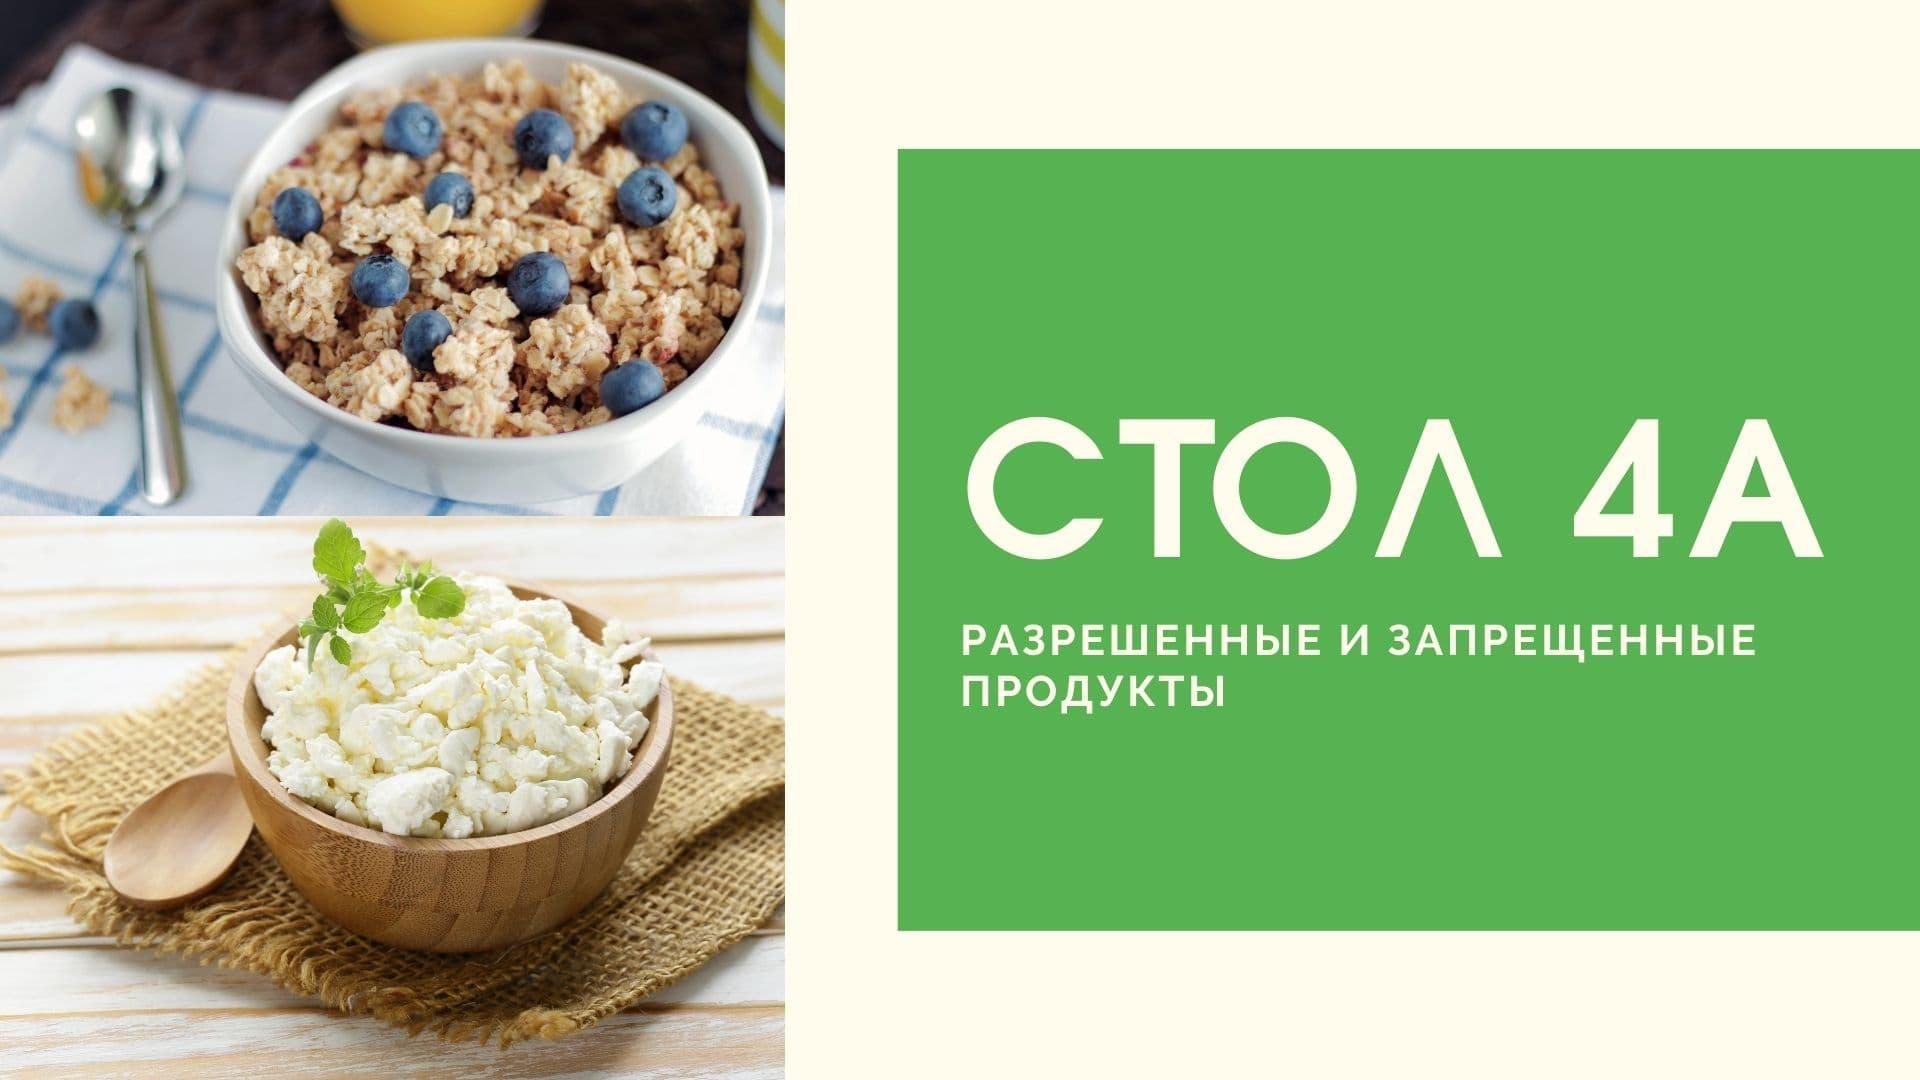 Стол 4а: разрешенные и запрещенные продукты